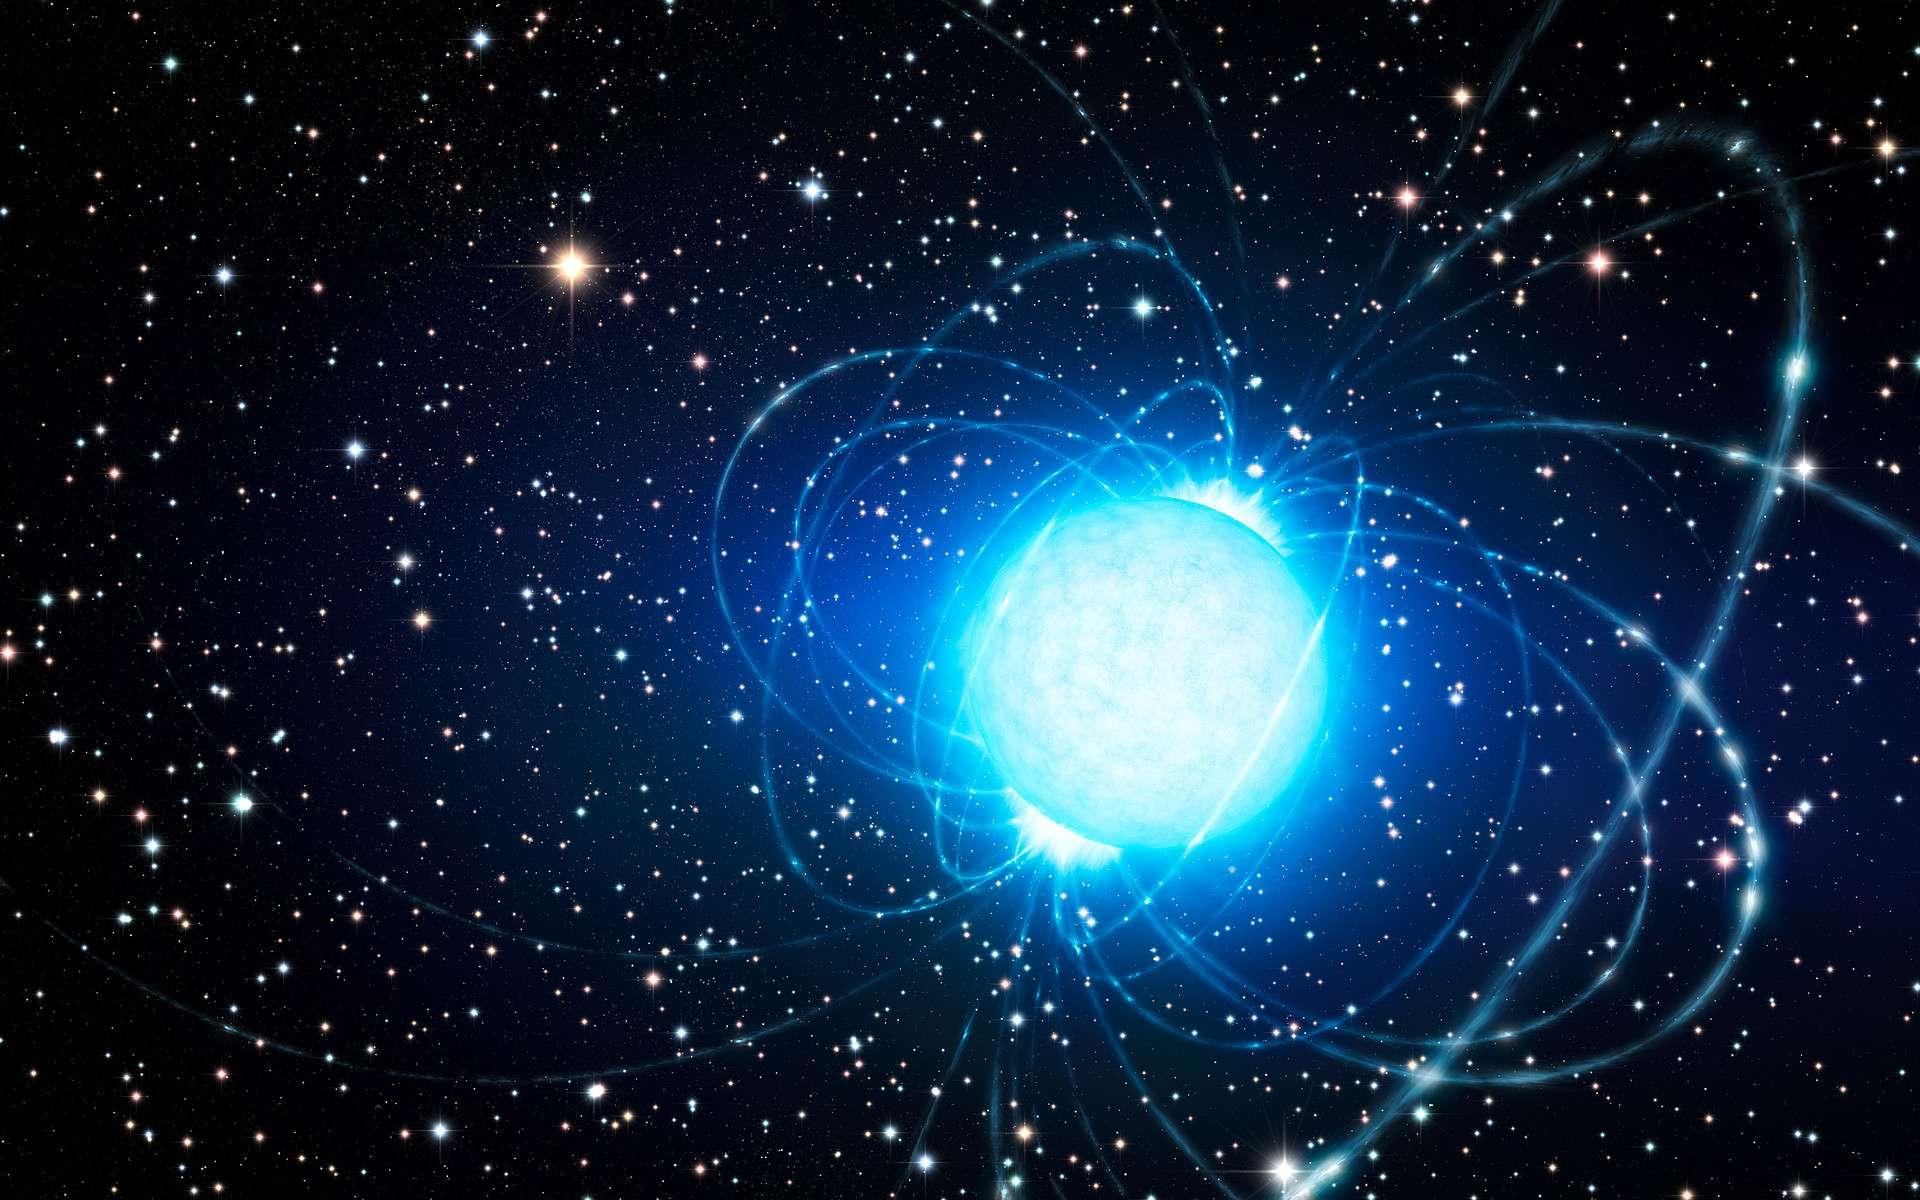 Une vue d'artiste du magnétar de l'amas Westerlund 1. Les lignes de champ magnétique sont représentées. © ESO/L. Calçada